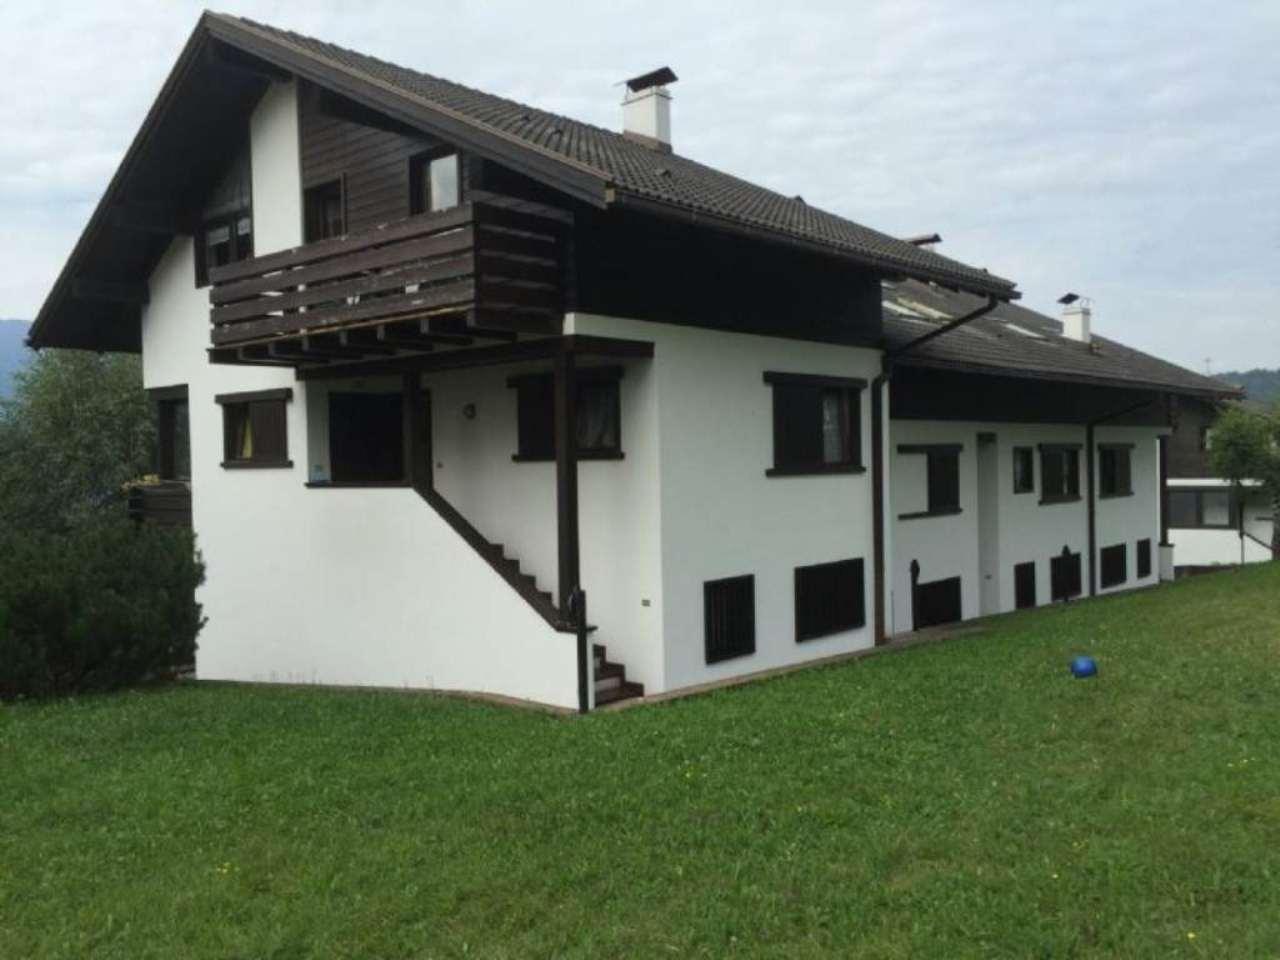 Attico / Mansarda in vendita a Cavalese, 3 locali, Trattative riservate | CambioCasa.it